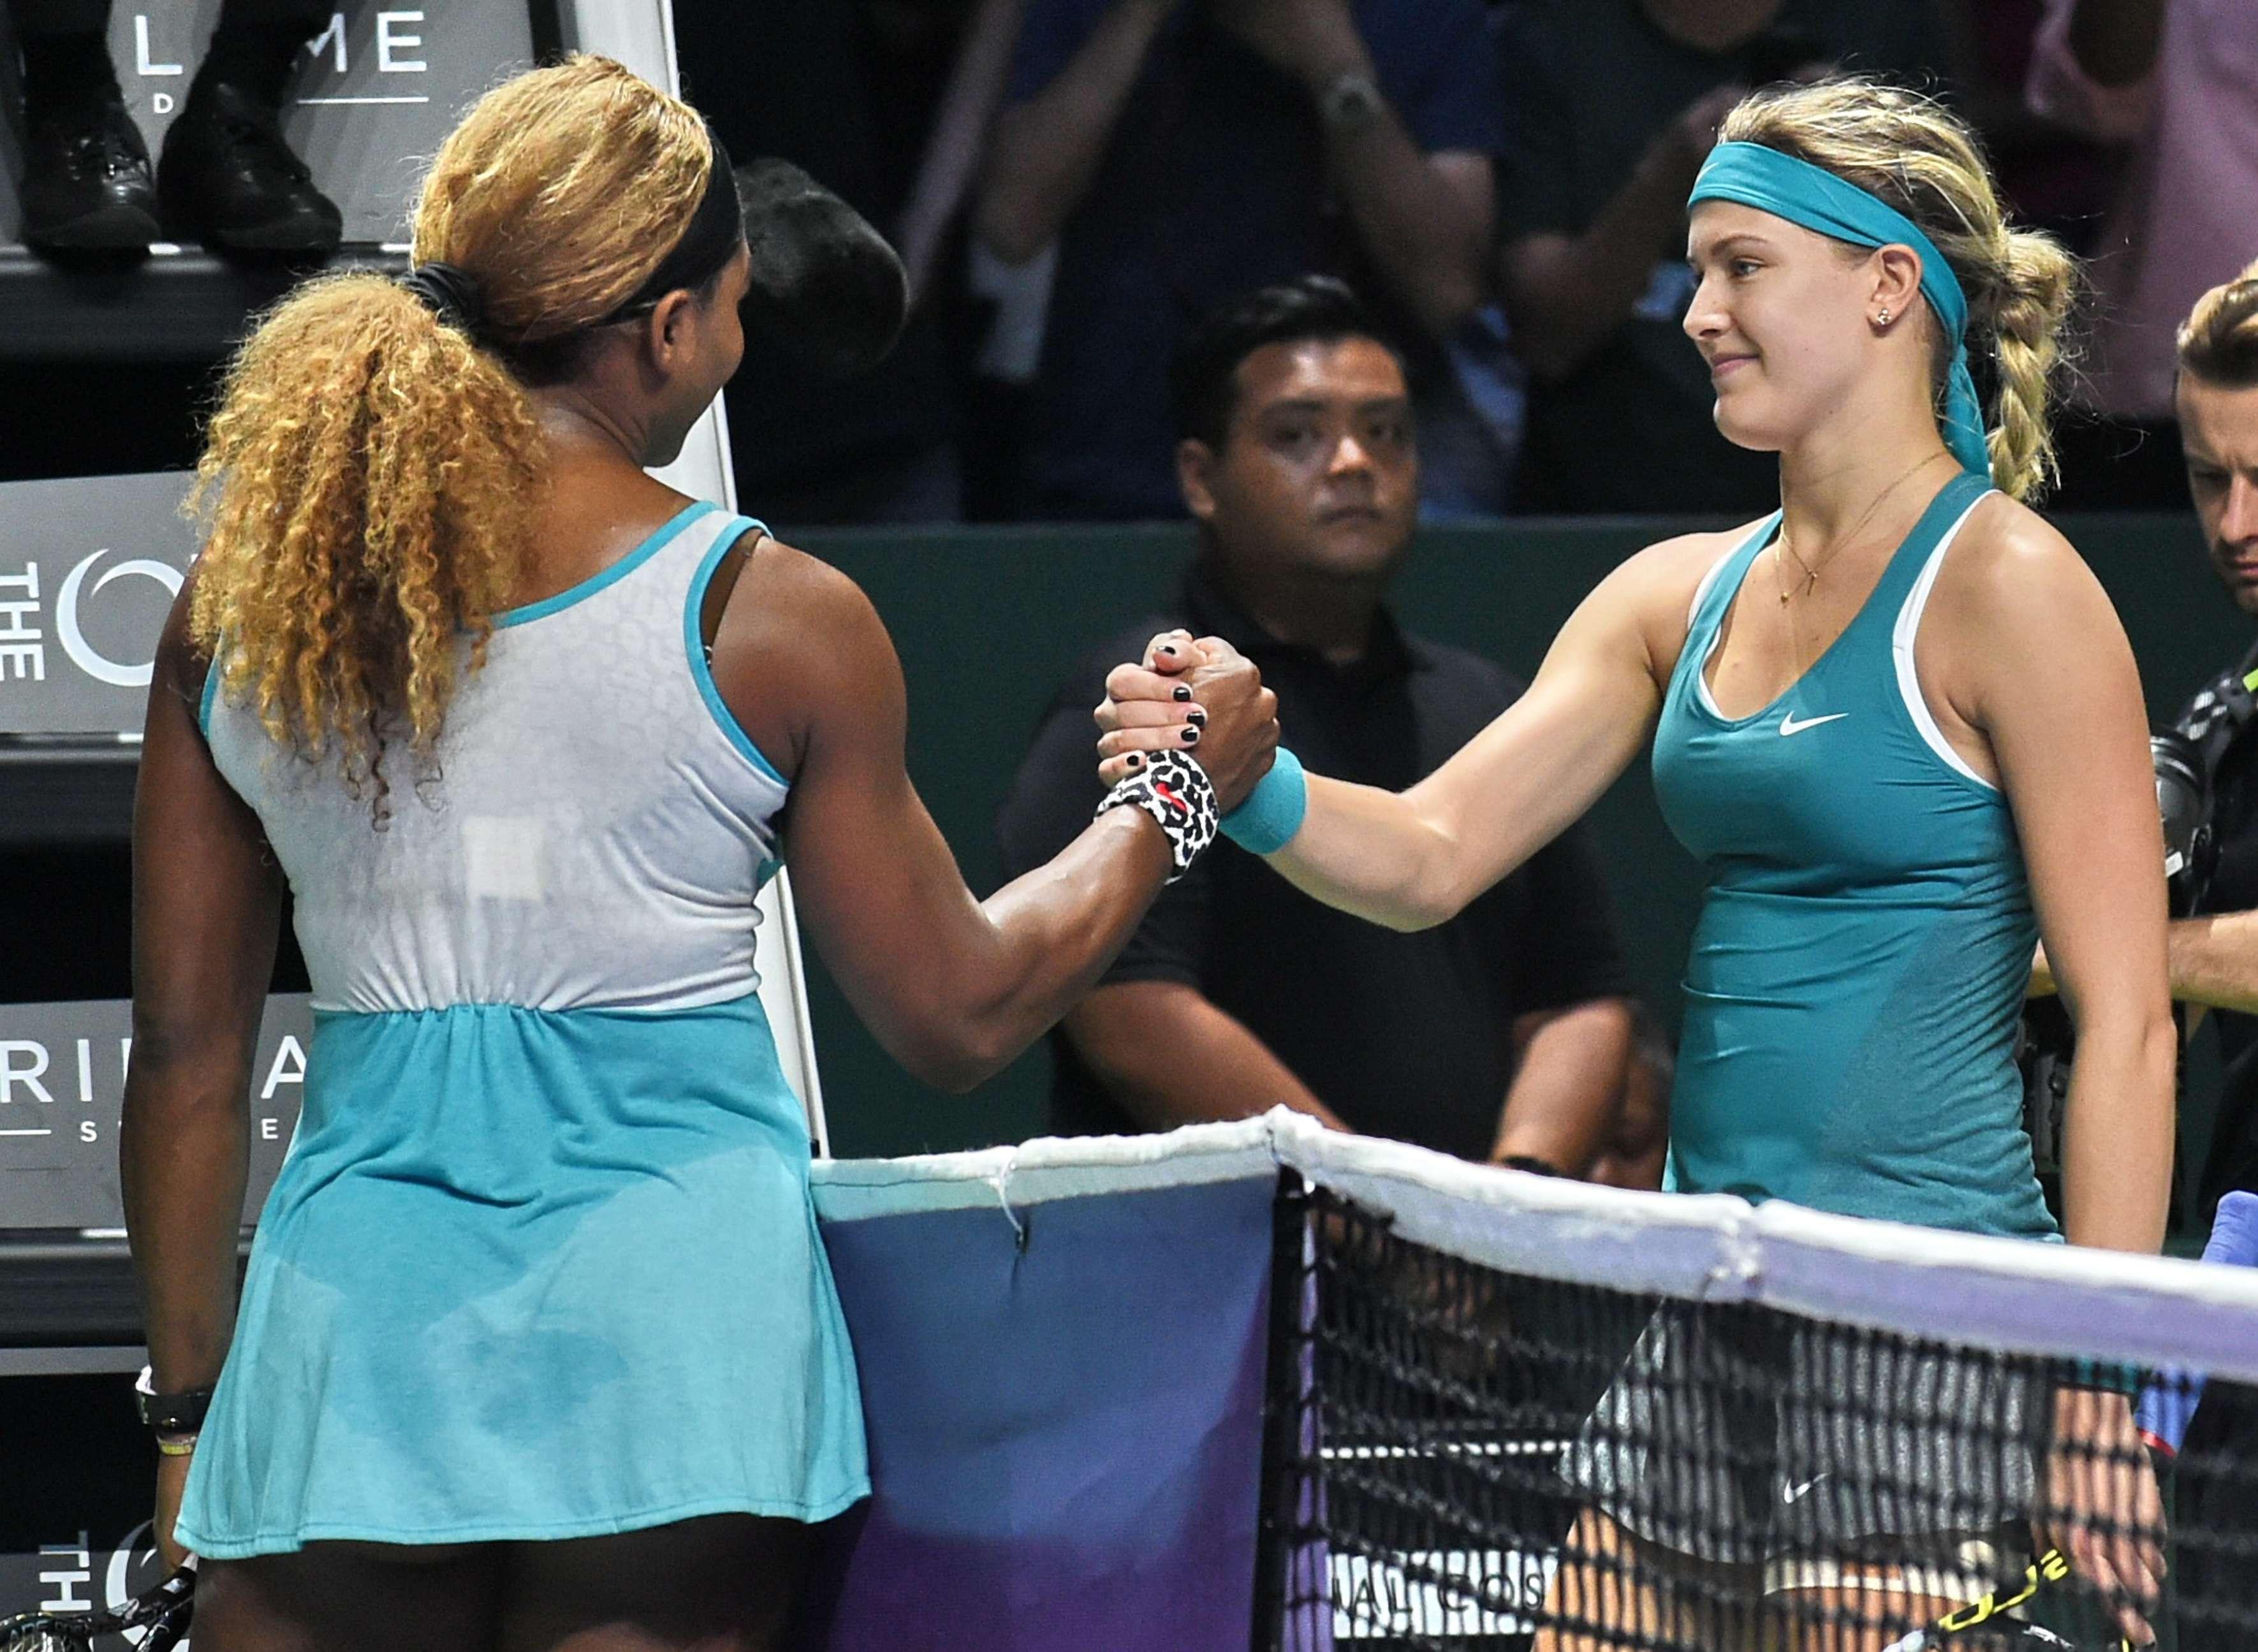 Serena ganó en dos sets a la canadiense Bouchard. Foto: AFP